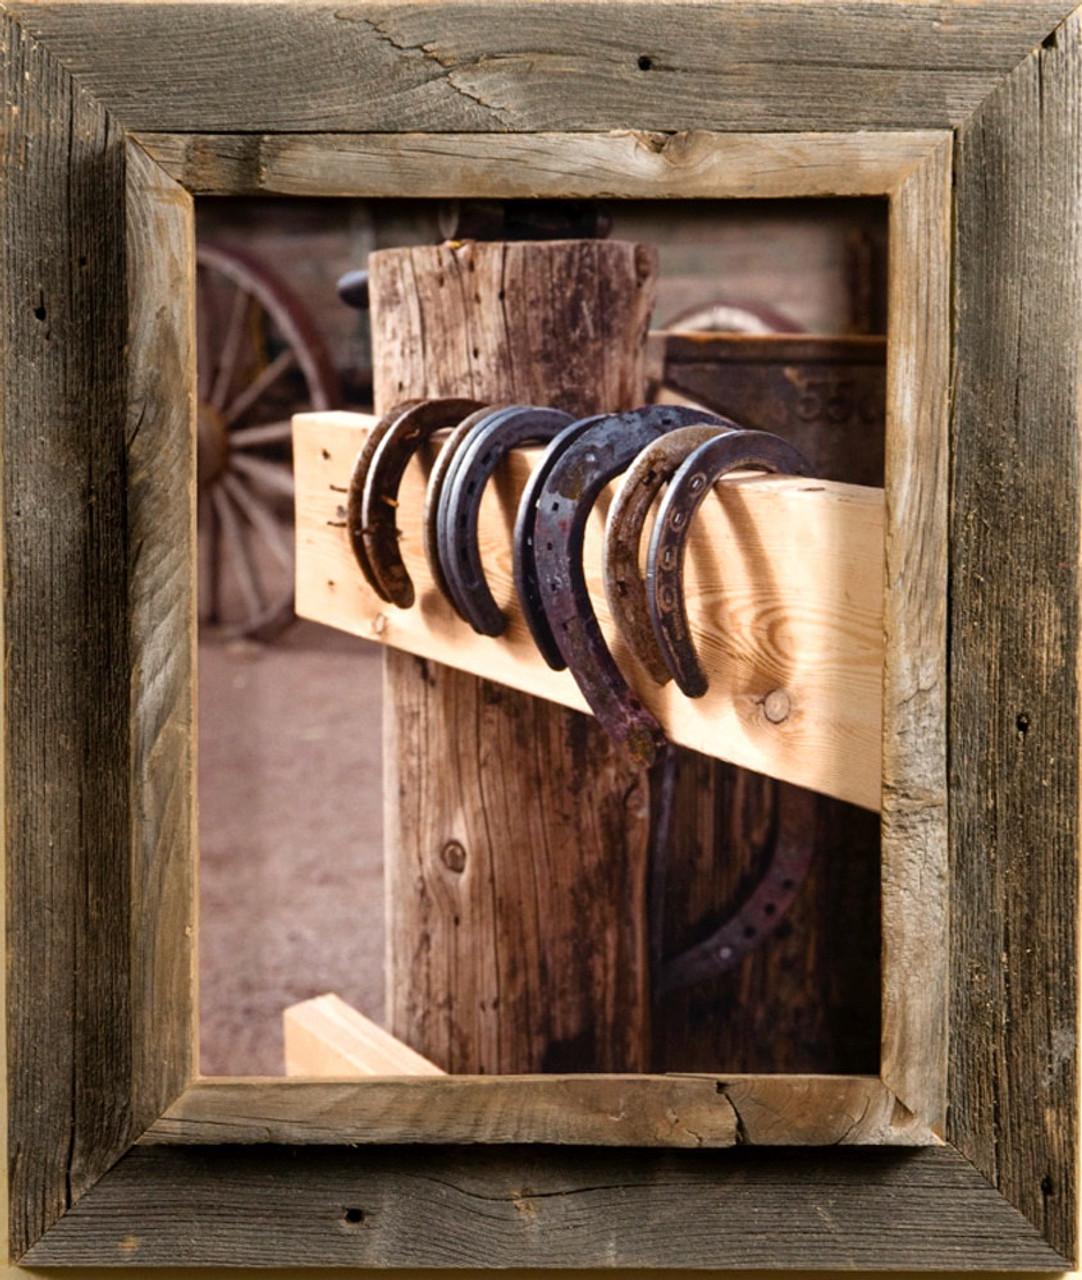 Cowboy Frame | Rustic Western Wood Photo Frame 16x20